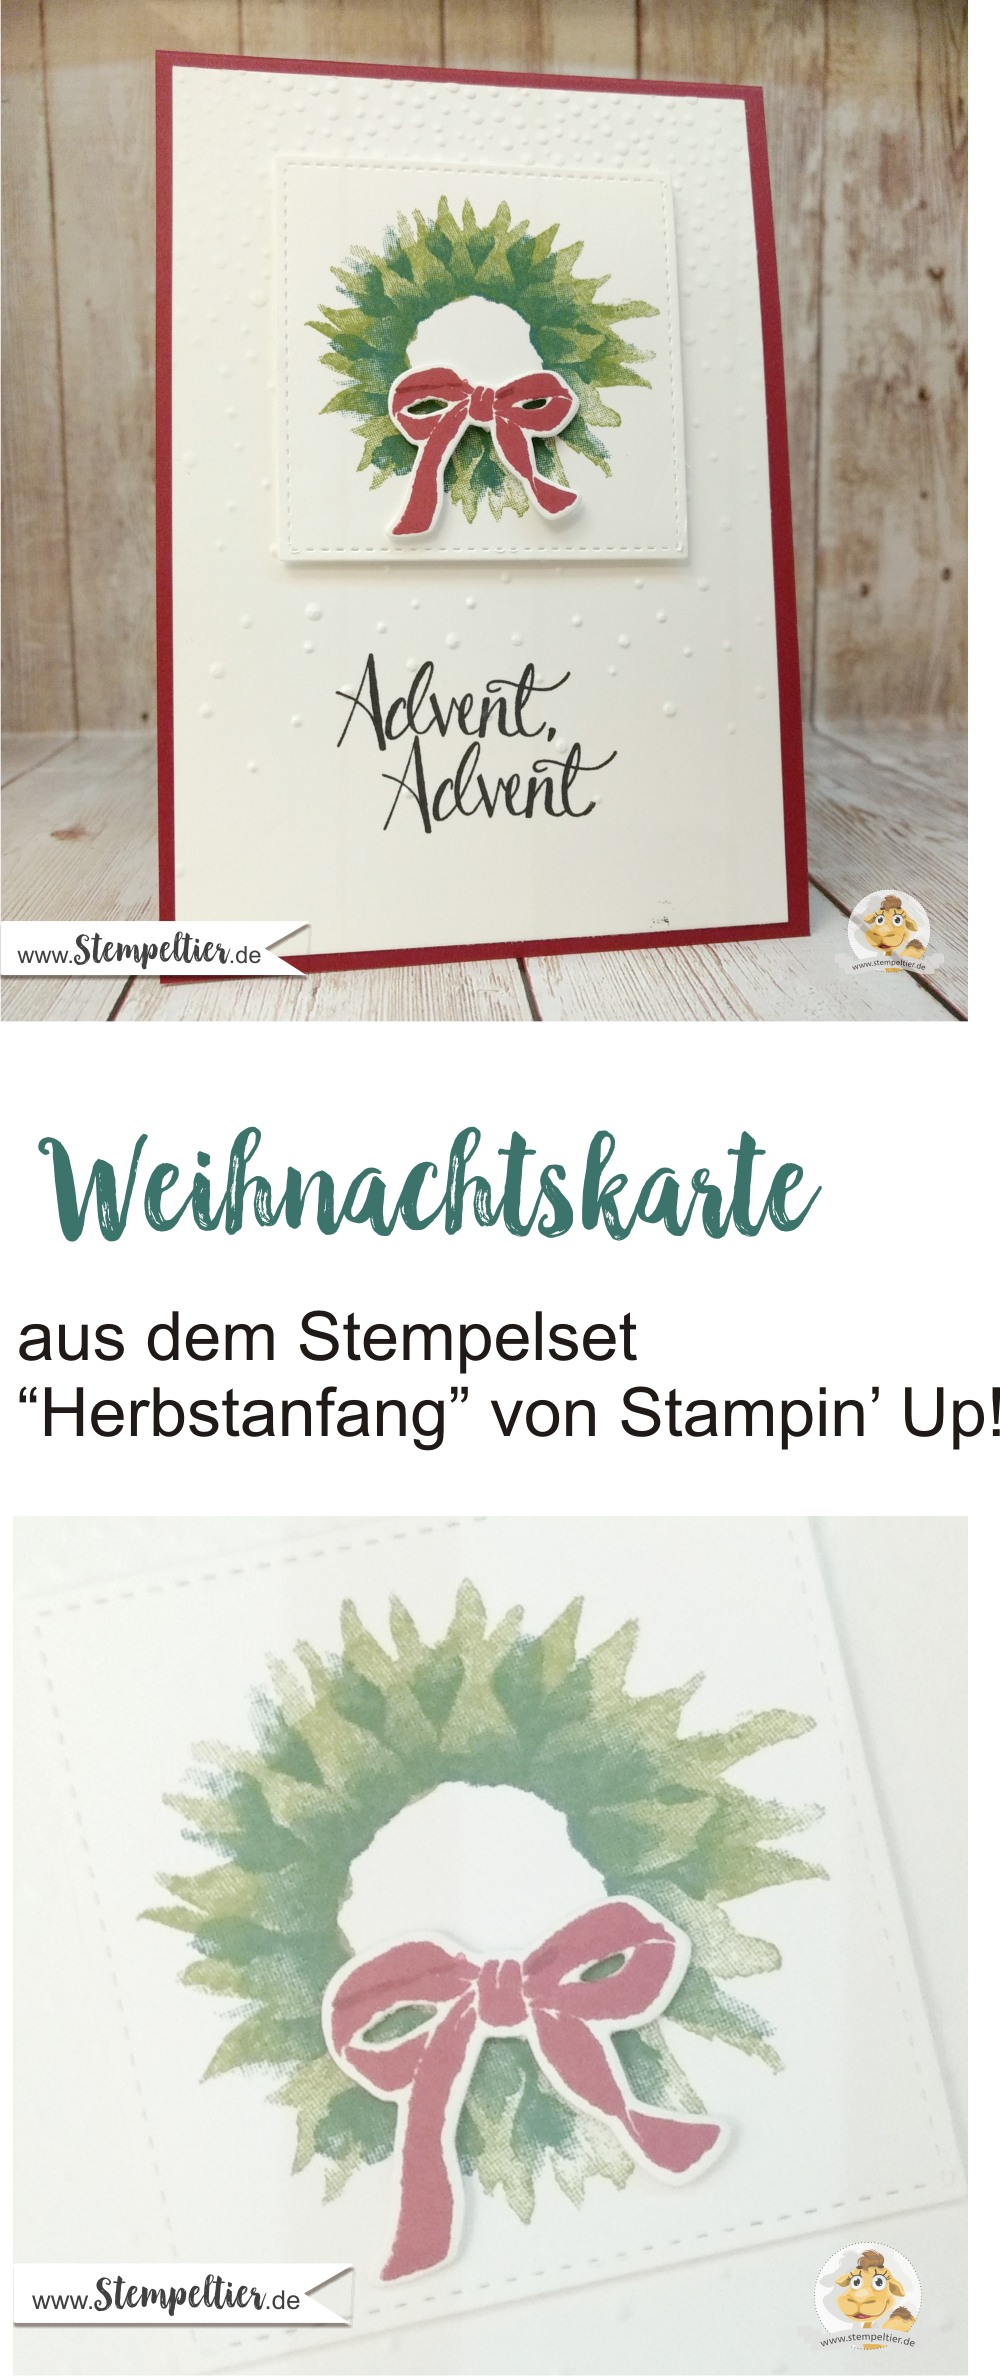 stampin up painted harvest wreath adventskranz kranz herbstanfang stempeltier advent weihnachtskarte